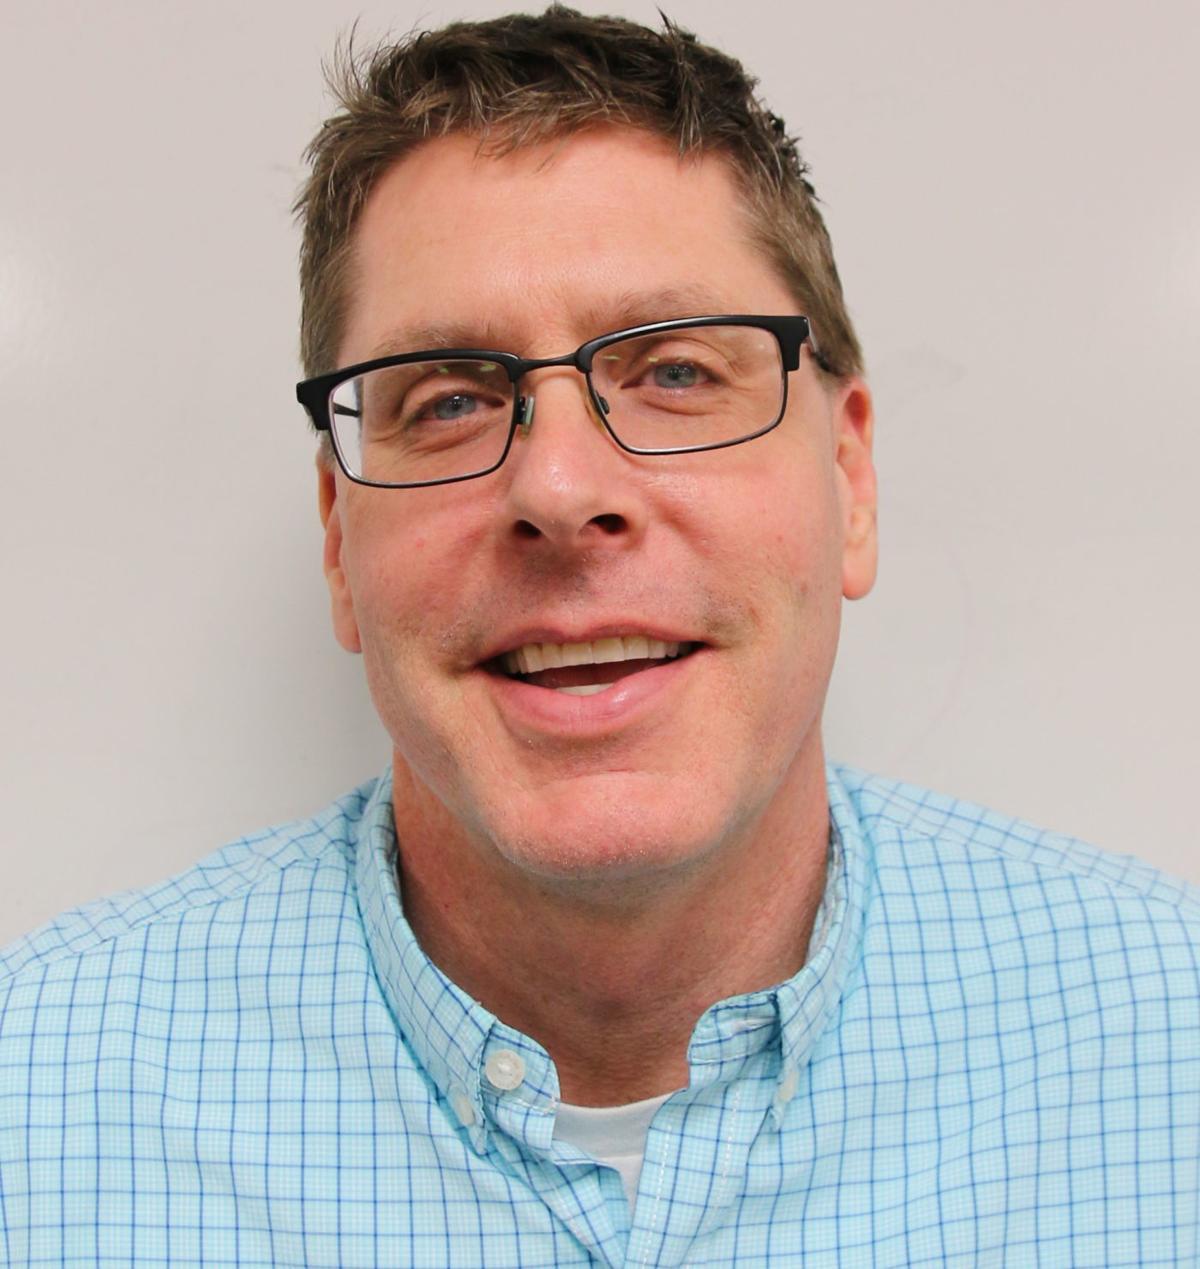 Dave Huhner